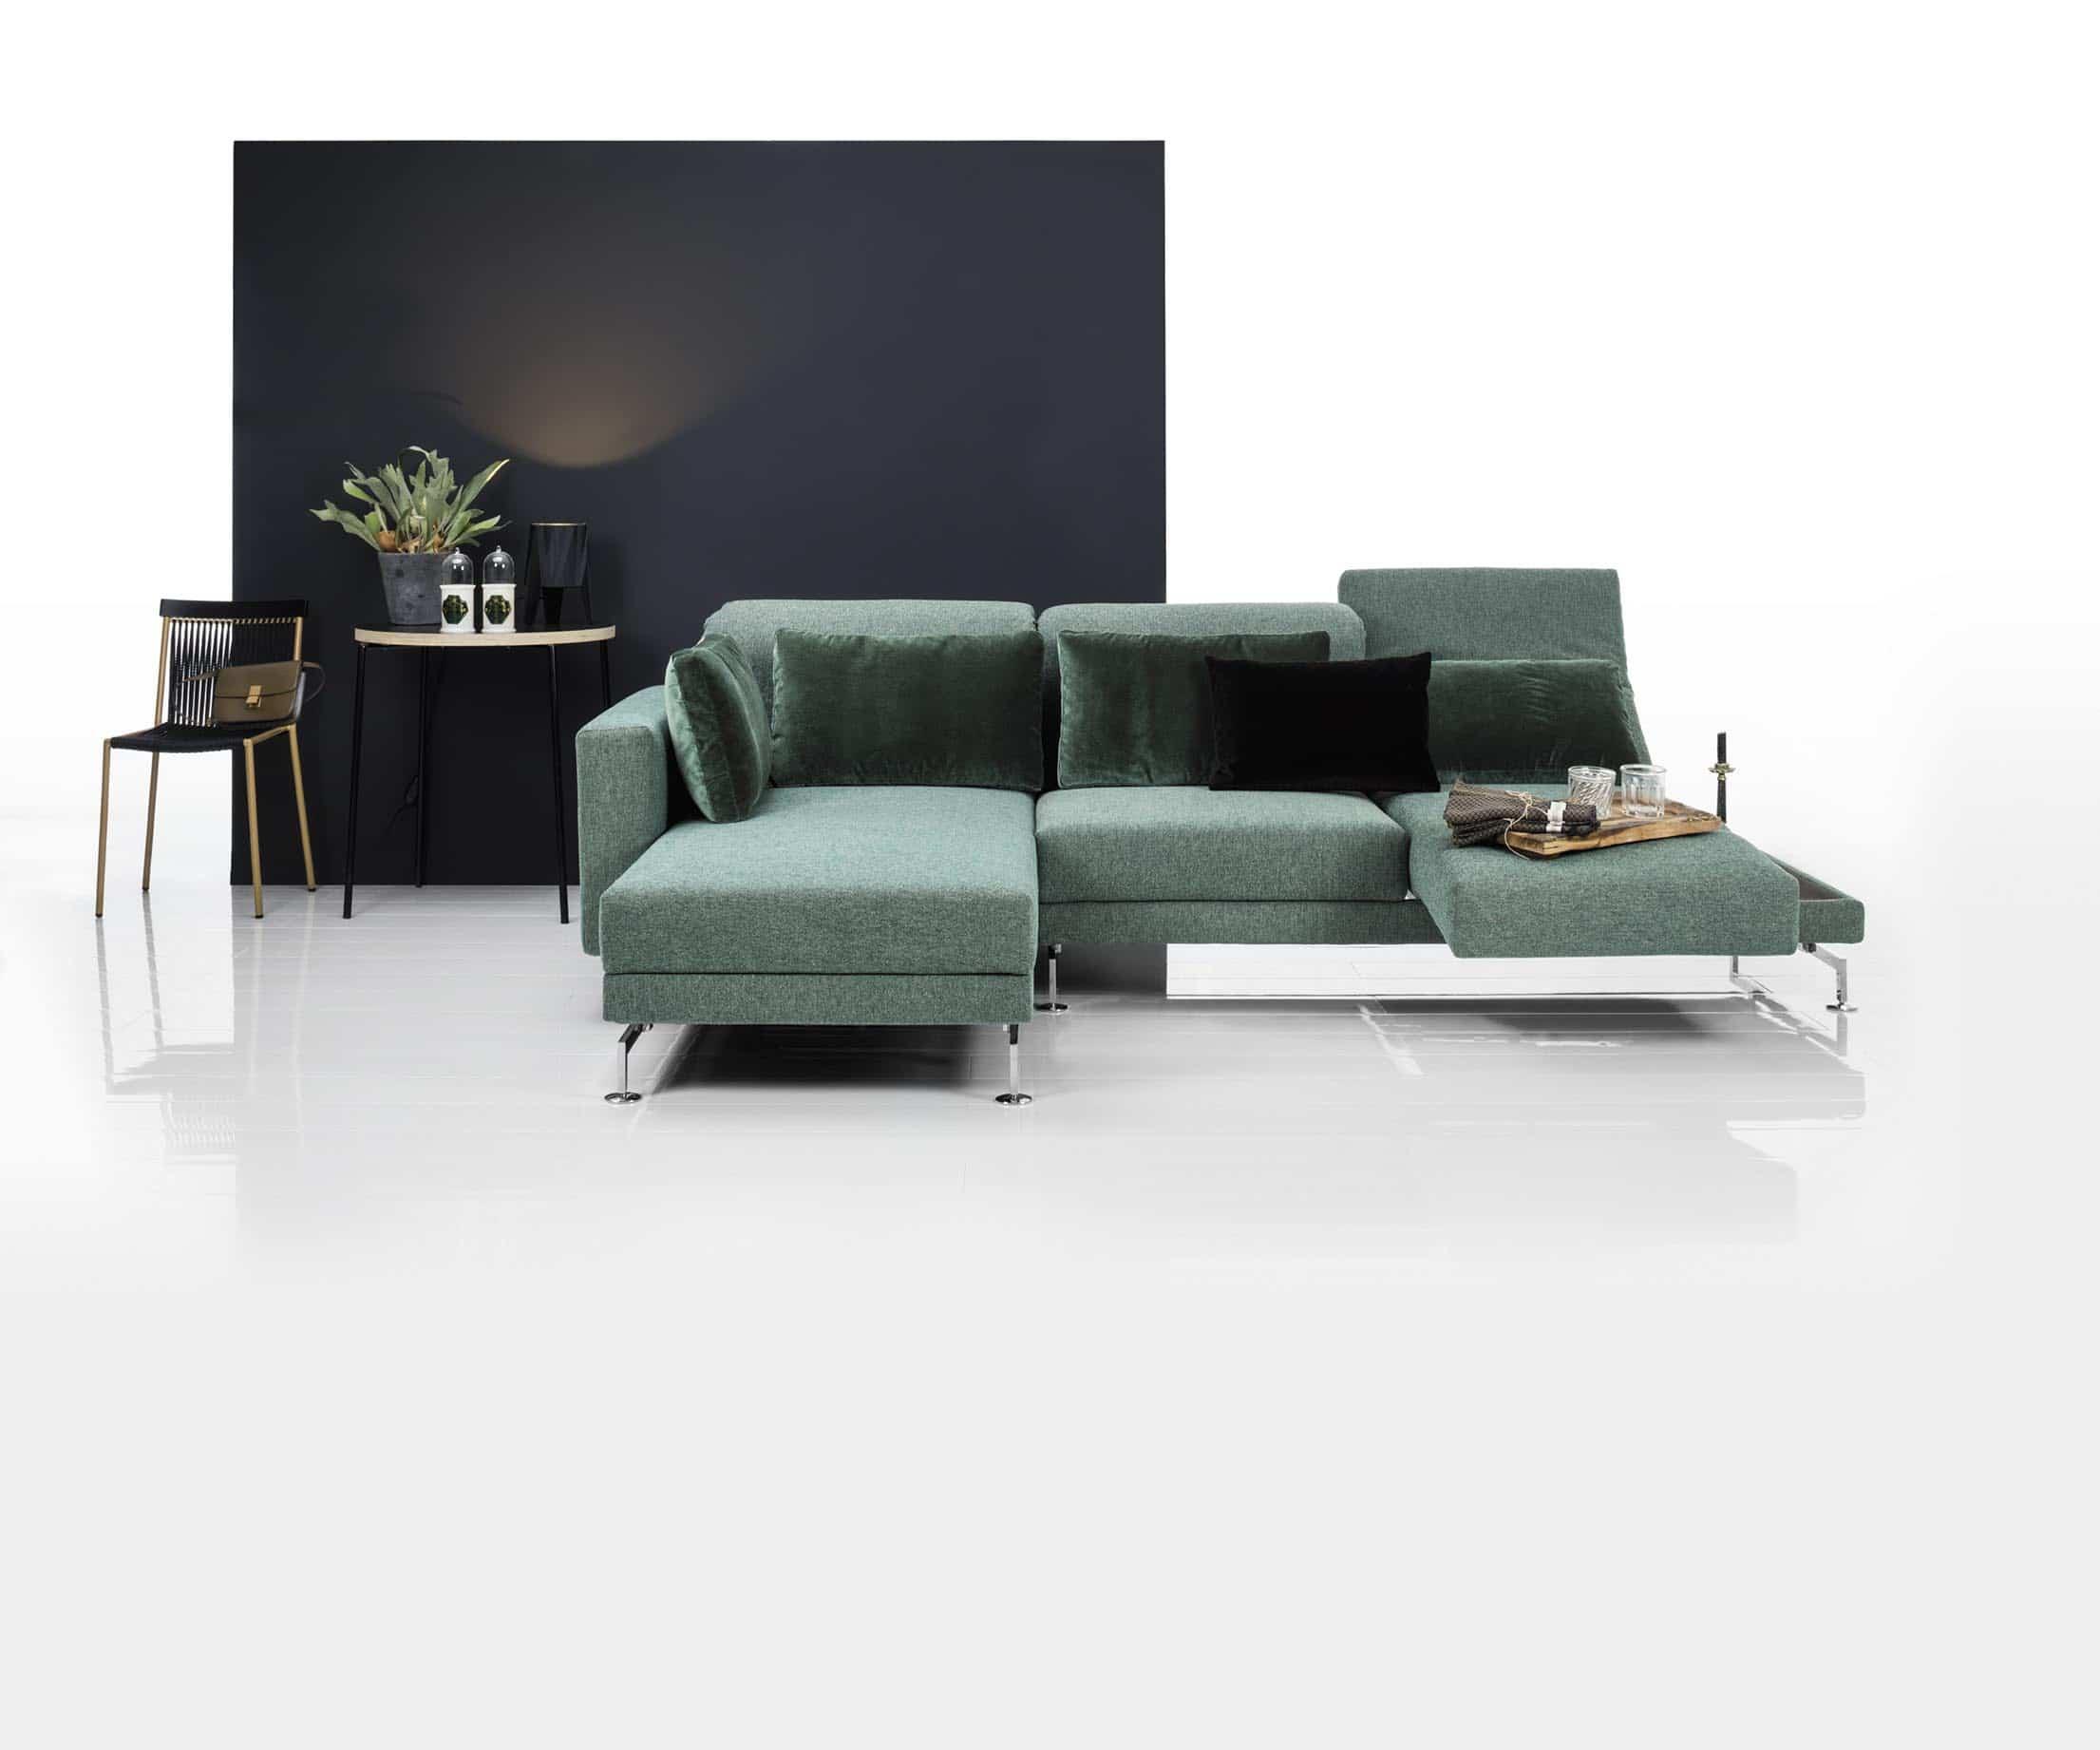 Full Size of Mokumuku Franz Bullfrog Sessel Sofa Kaufen Ecksofa Fertig Französische Betten Wohnzimmer Mokumuku Franz